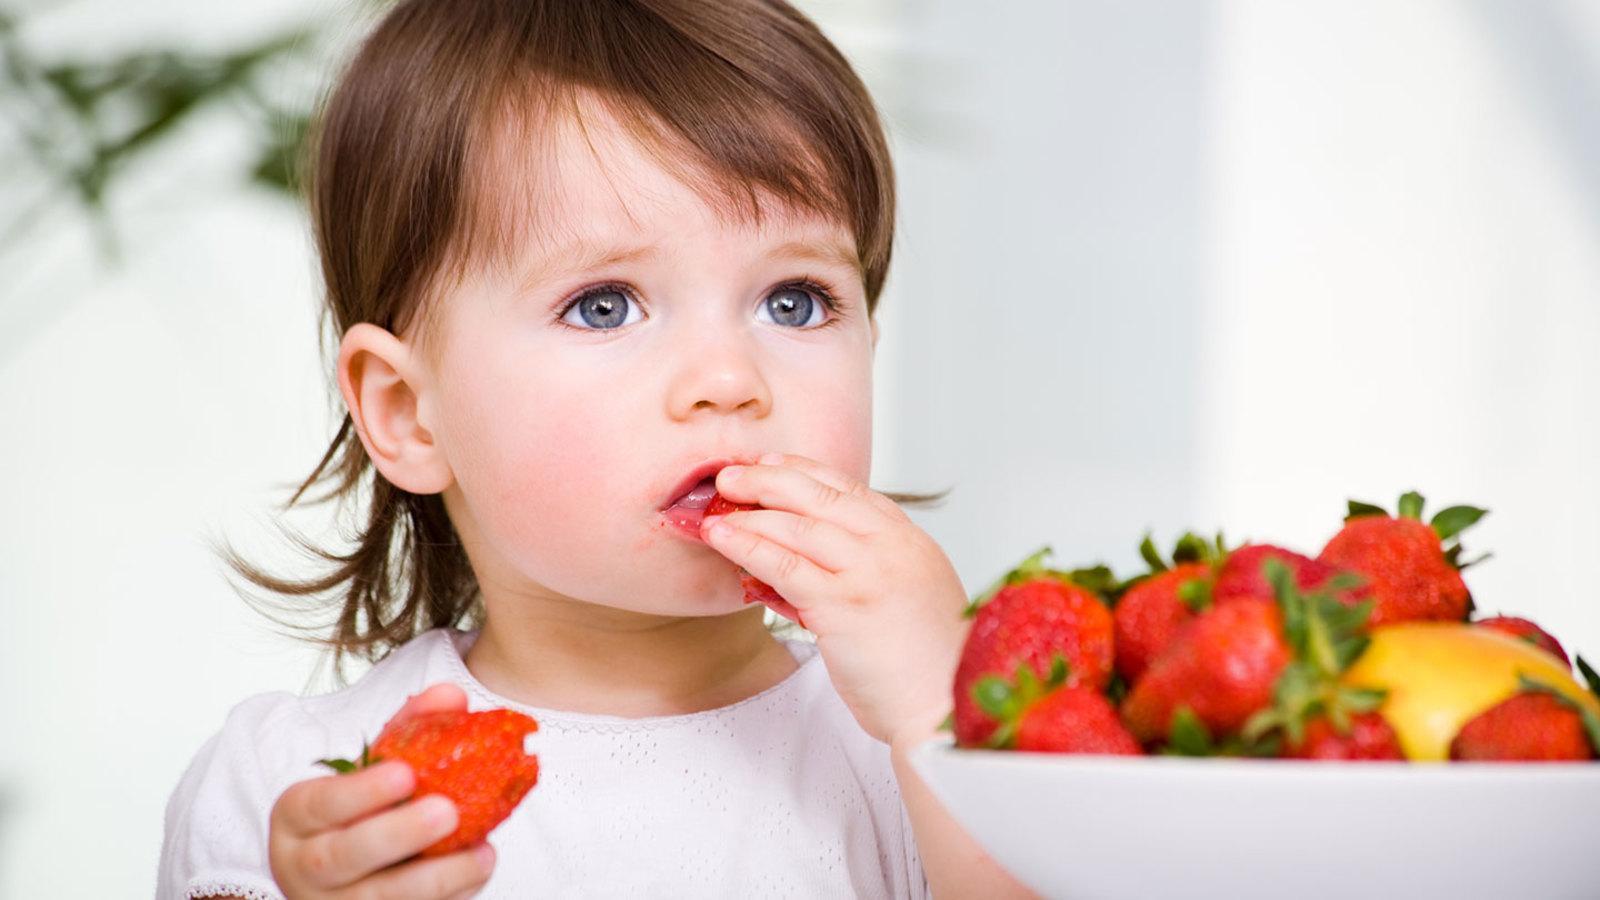 O Que Significa Ter Uma Dieta Saudável Para Uma Criança?